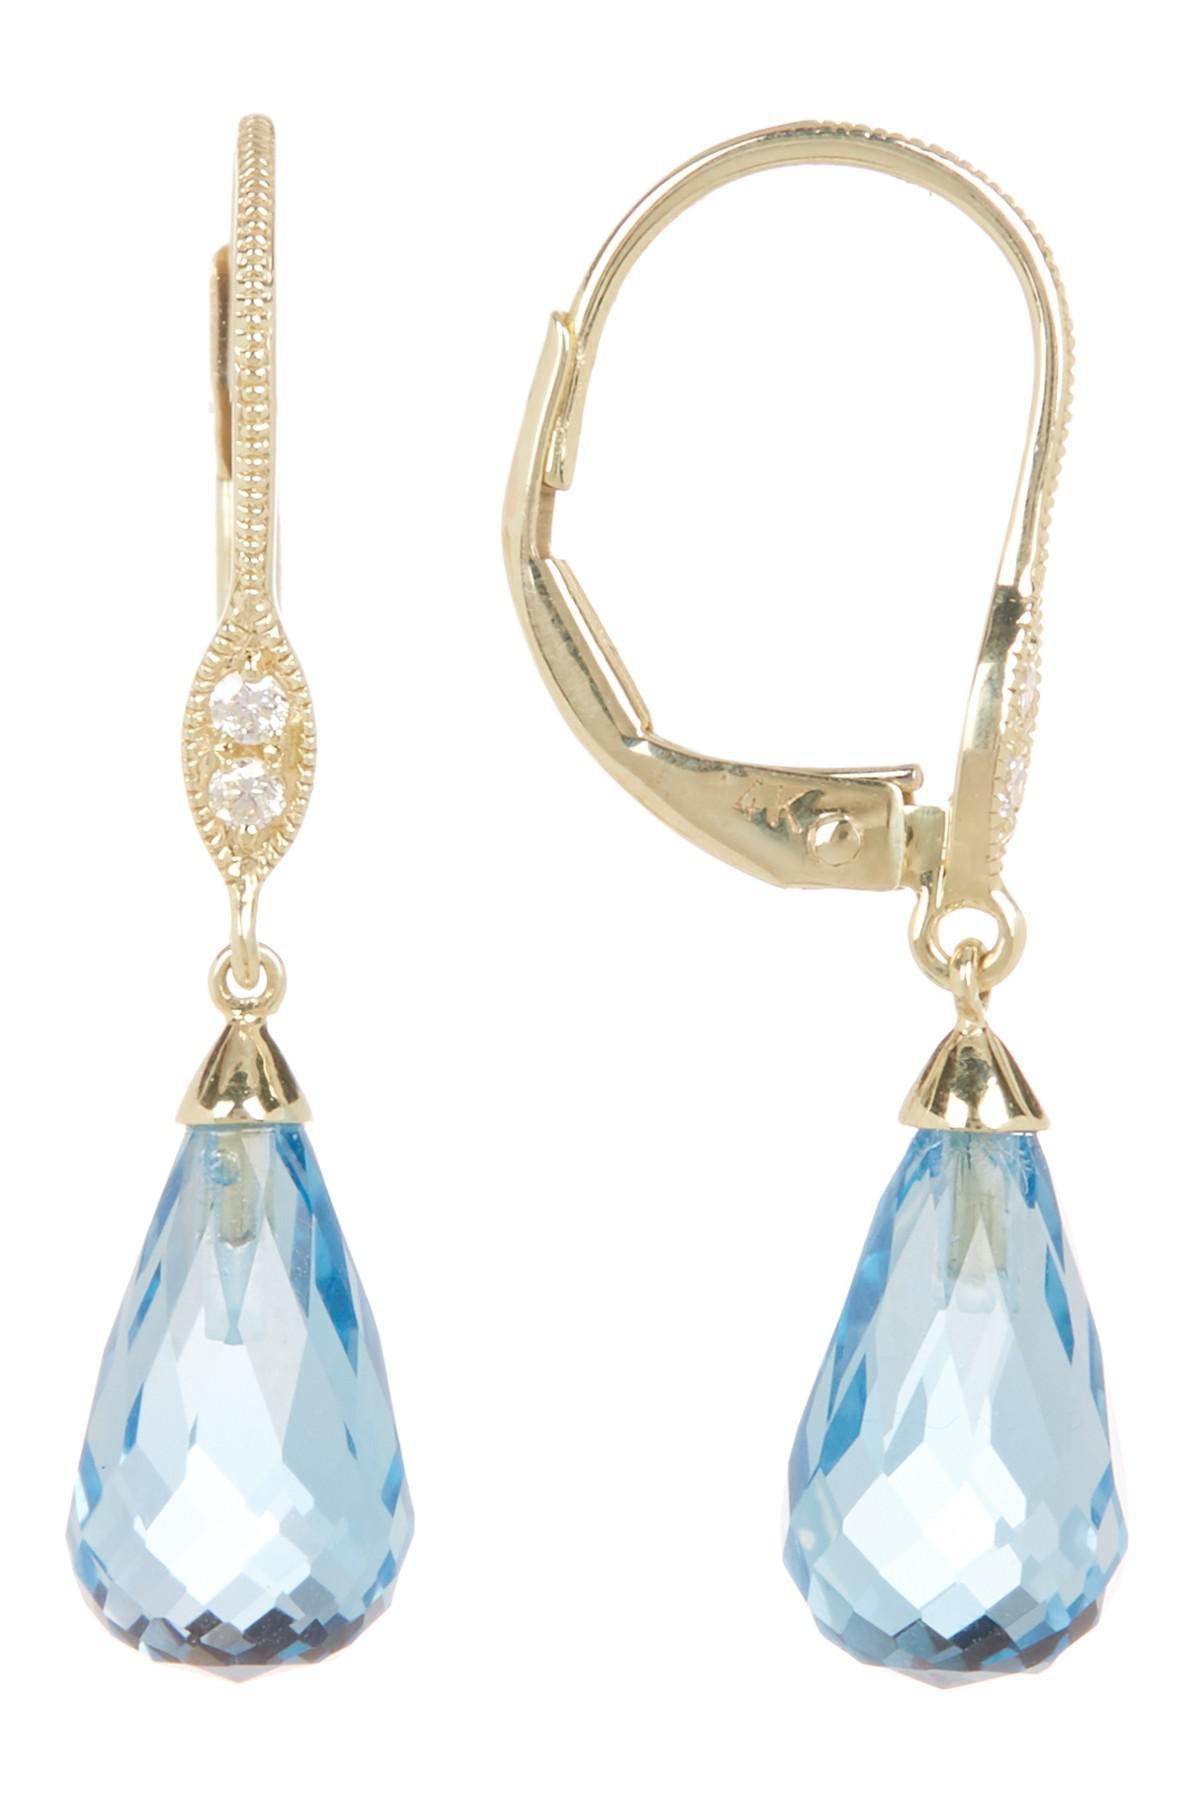 Lyst Meira T 14k Yellow Gold Diamond & Blue Crystal Drop Earrings